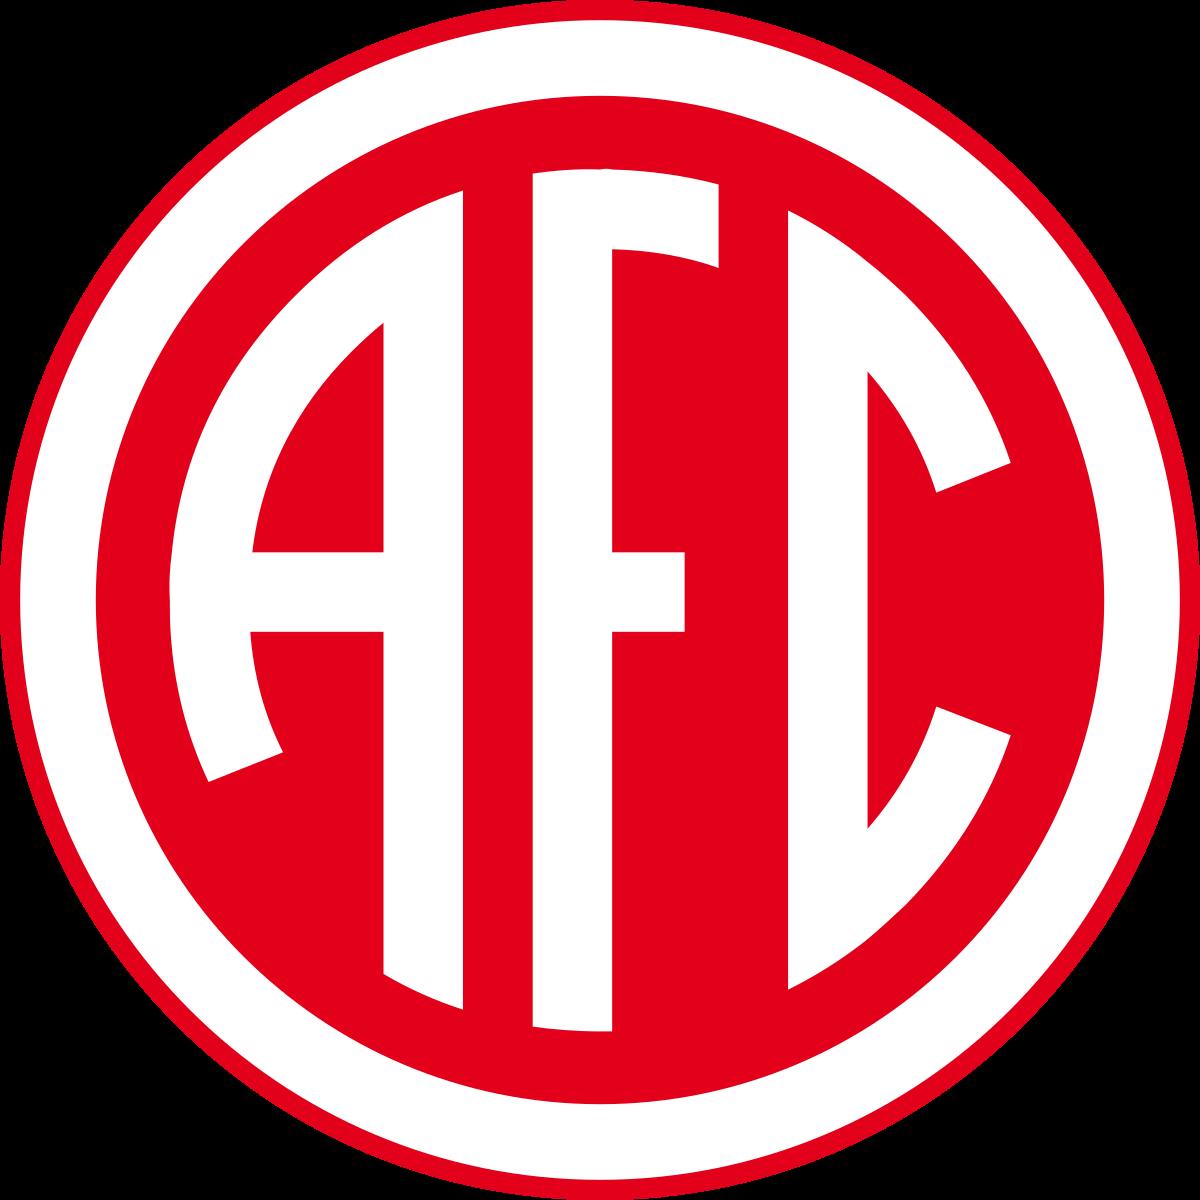 America Football Club (RJ)